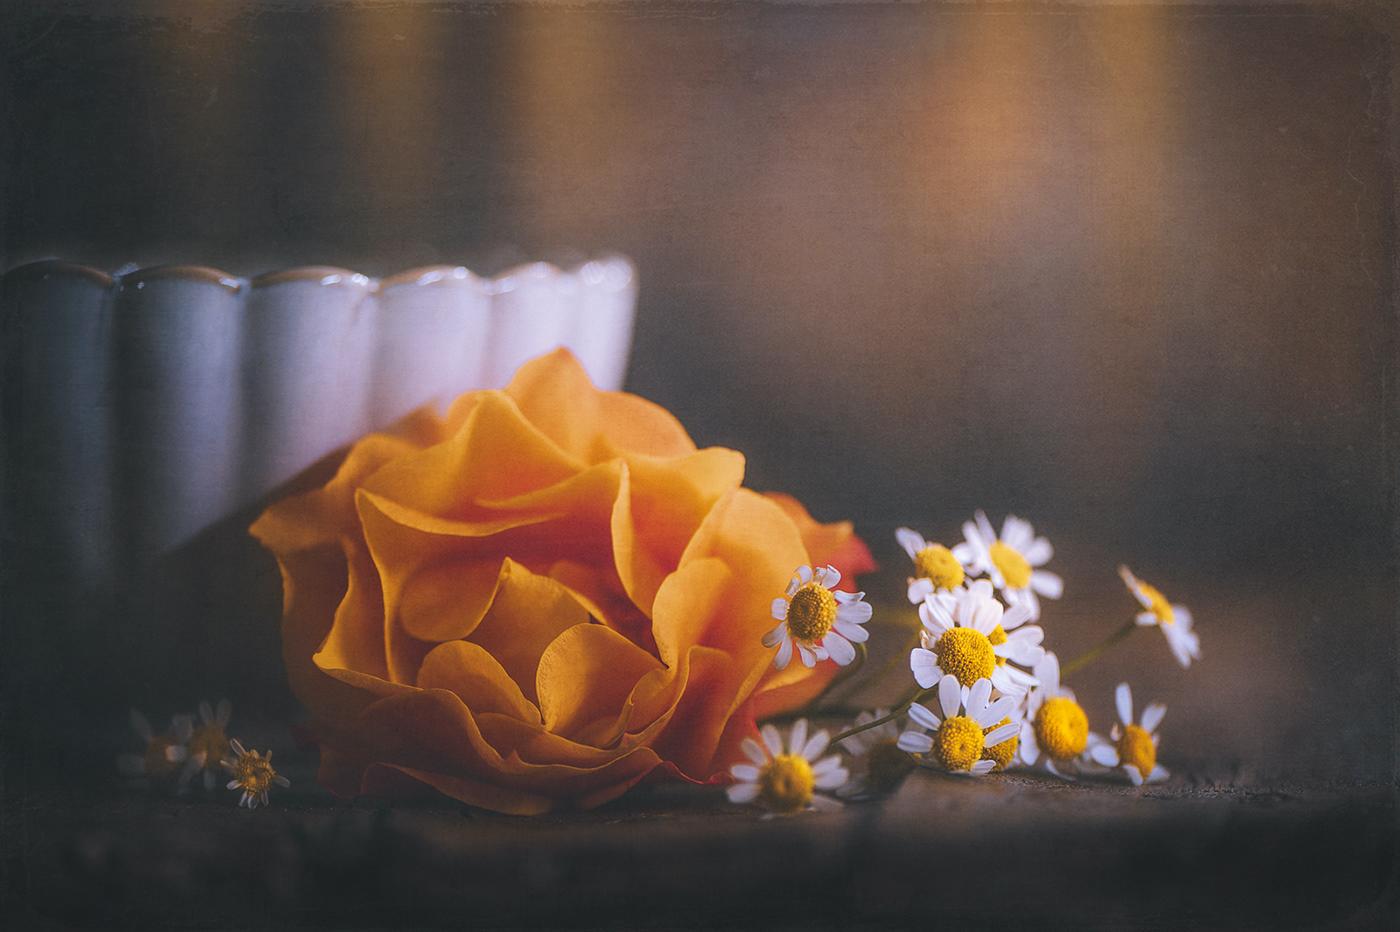 Оранжевый -- самый счастливый цвет Orange si the happiest color